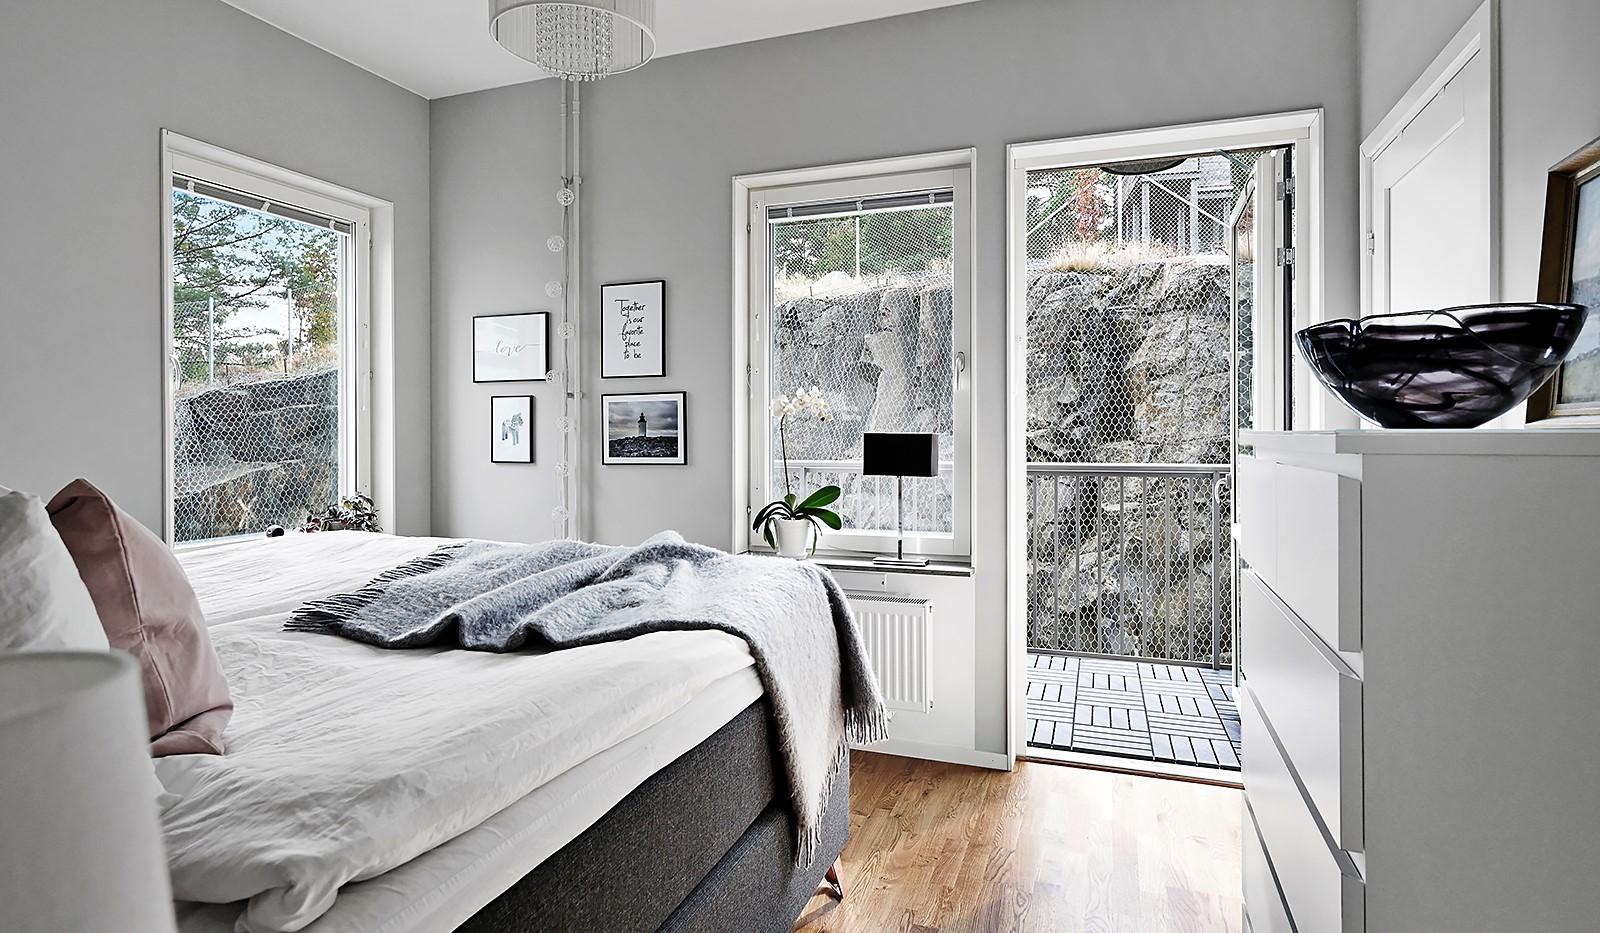 Sjöviksvägen 128, 7 tr. - Ljust sovrum med fönster i dubbla väderstreck